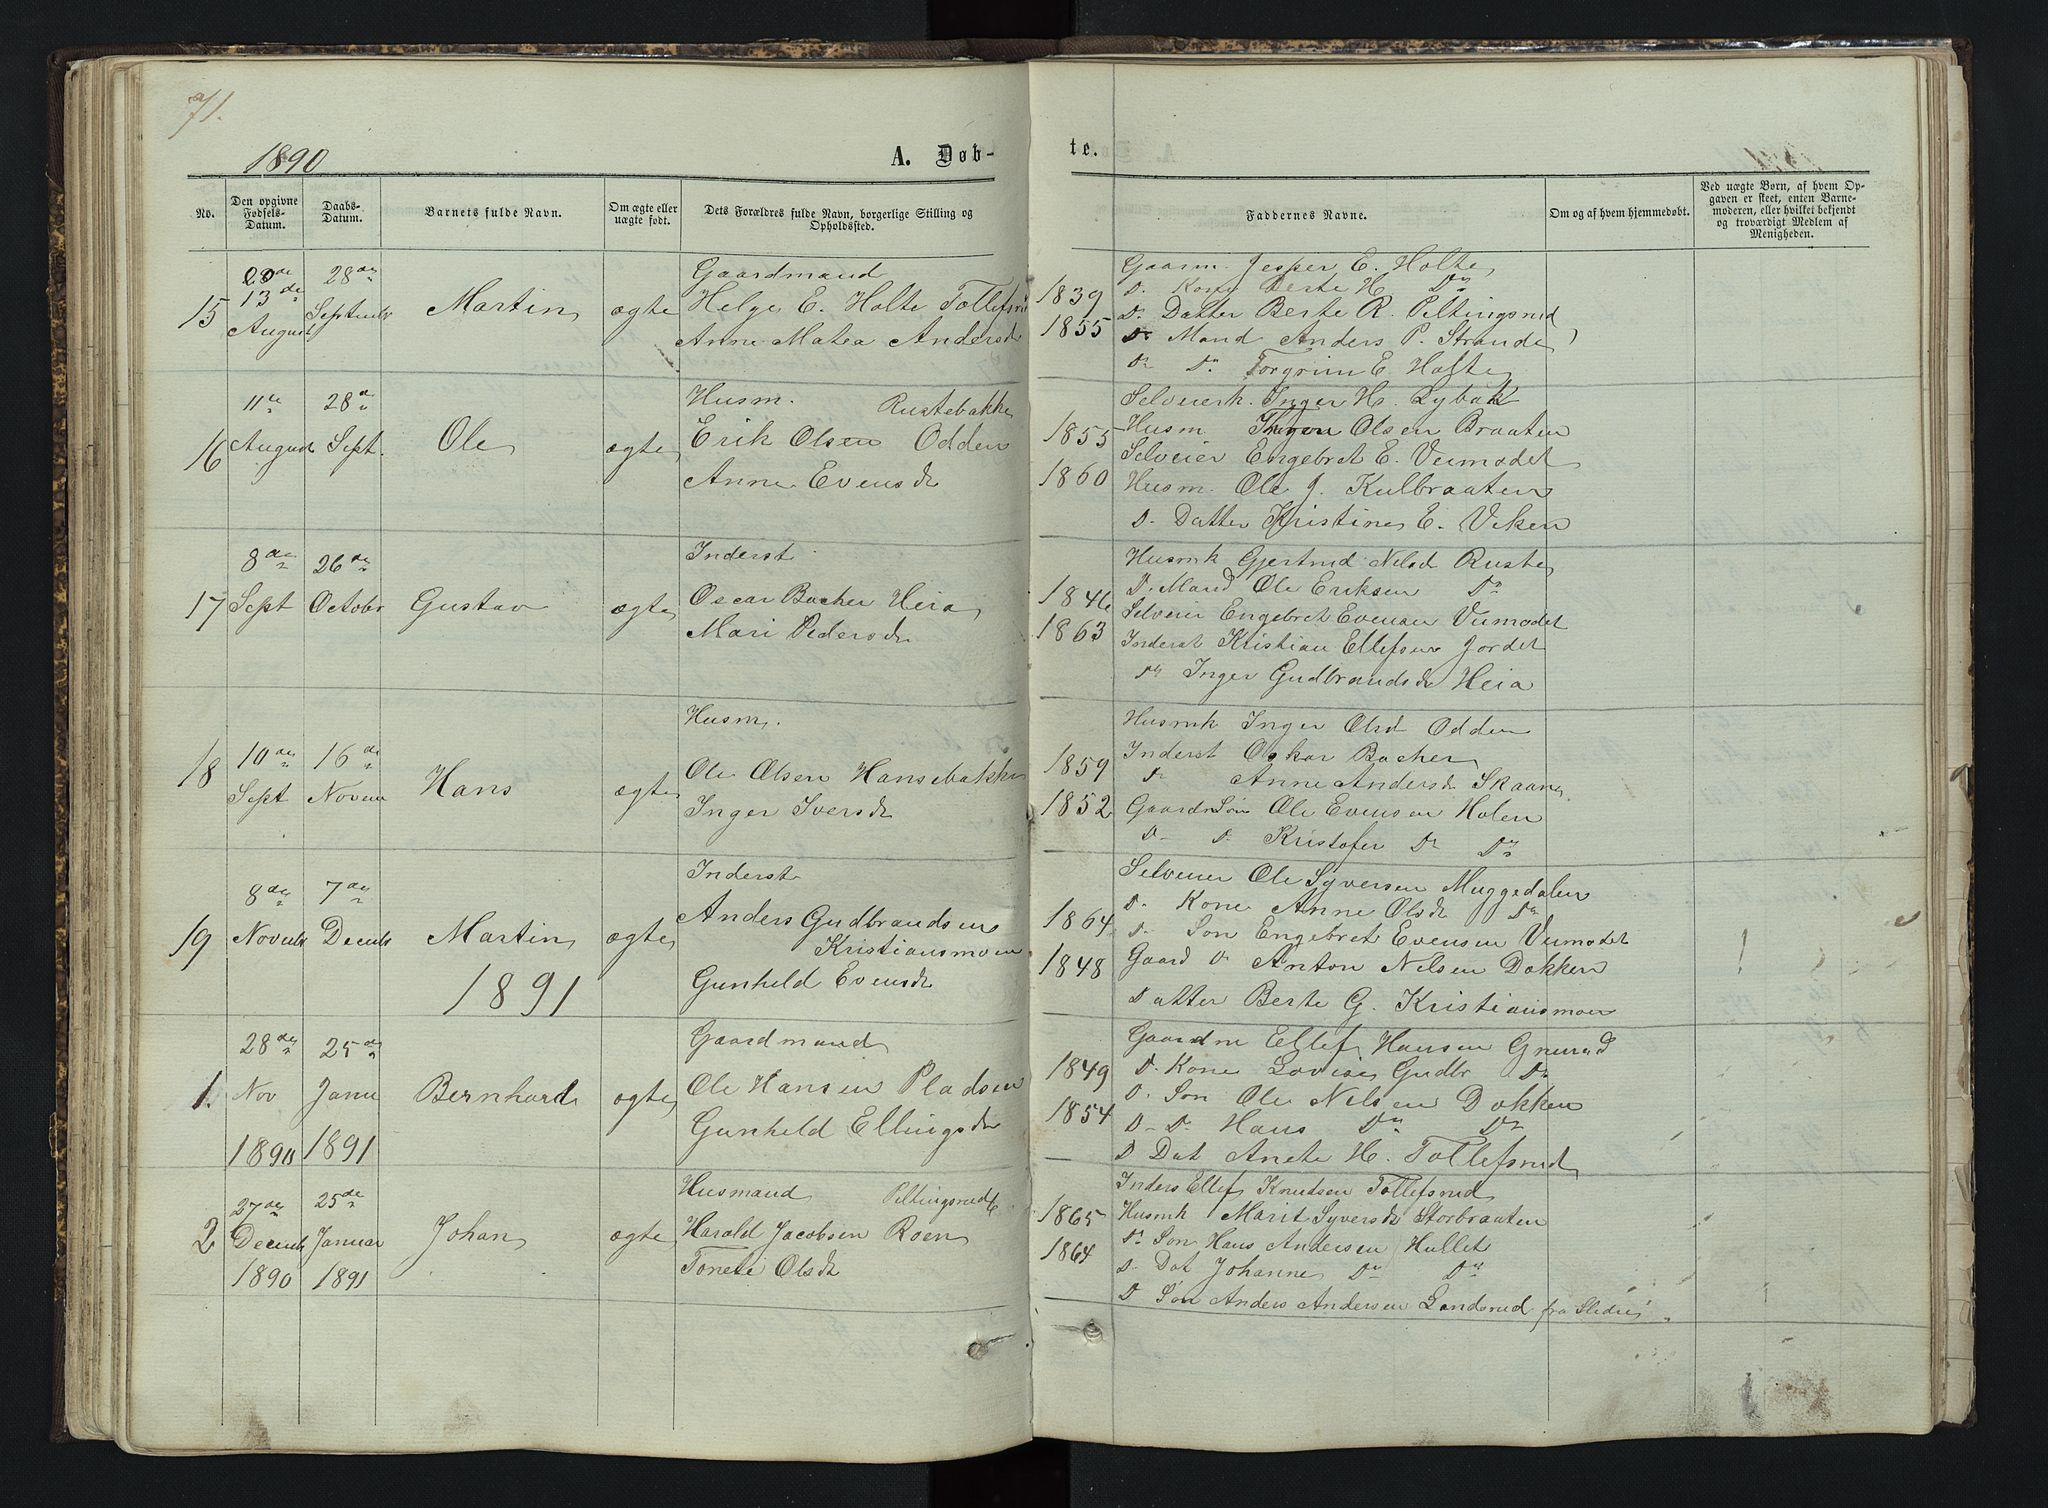 SAH, Sør-Aurdal prestekontor, Klokkerbok nr. 3, 1862-1893, s. 71